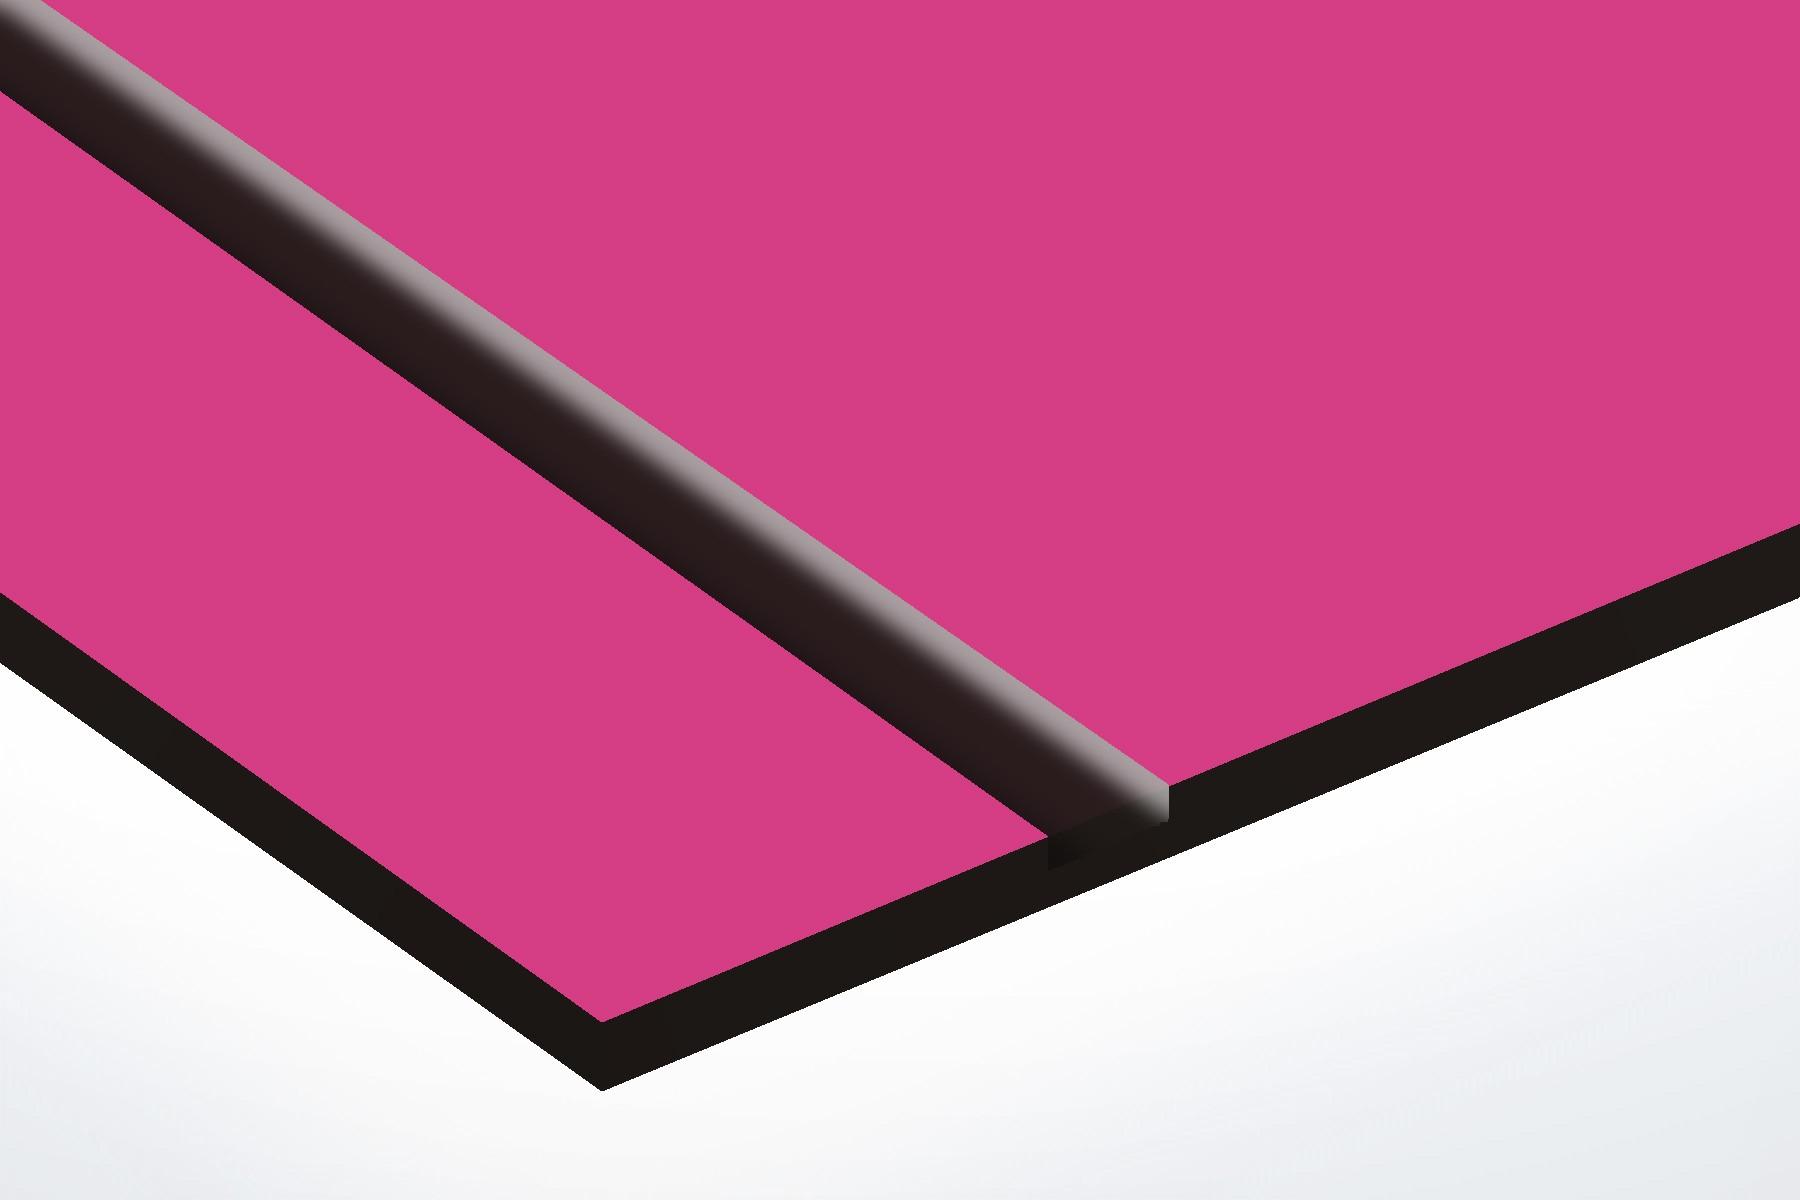 Plaque boite aux lettres Decayeux (100x25mm) rose lettres noires - 3 lignes